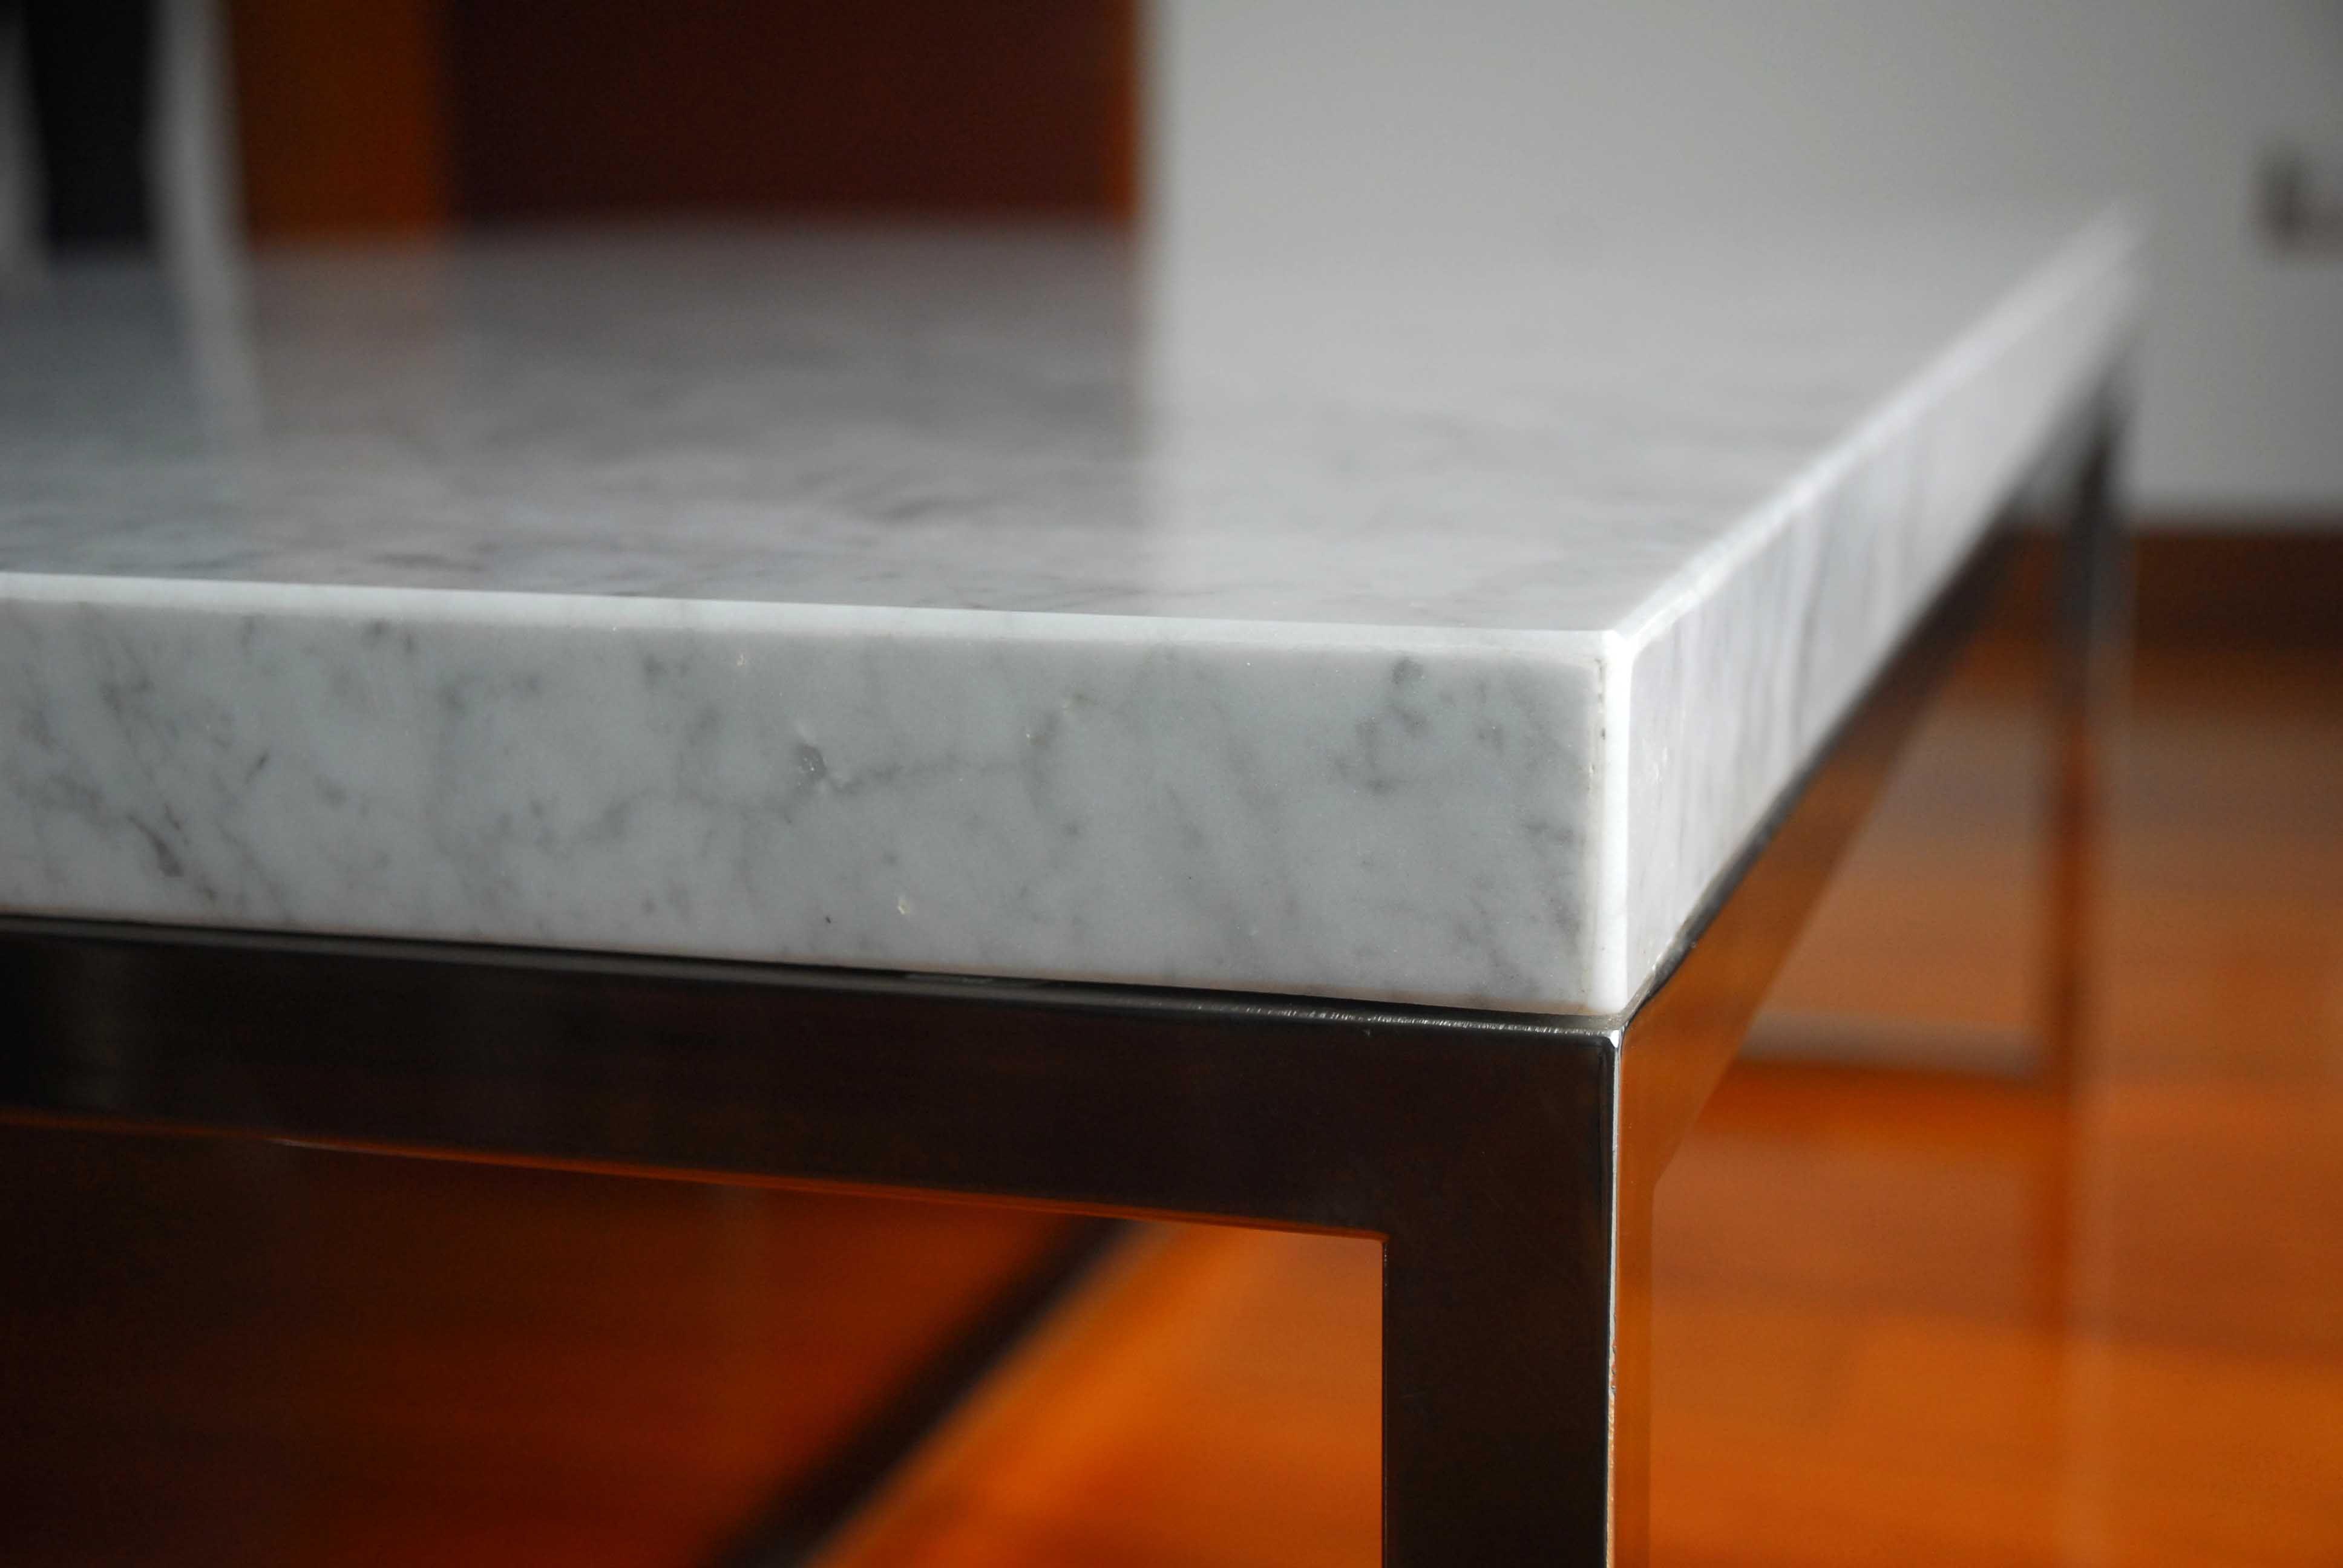 Mesa de centro marmol carrara y acero inoxidable jardin for Marmol de carrara limpieza